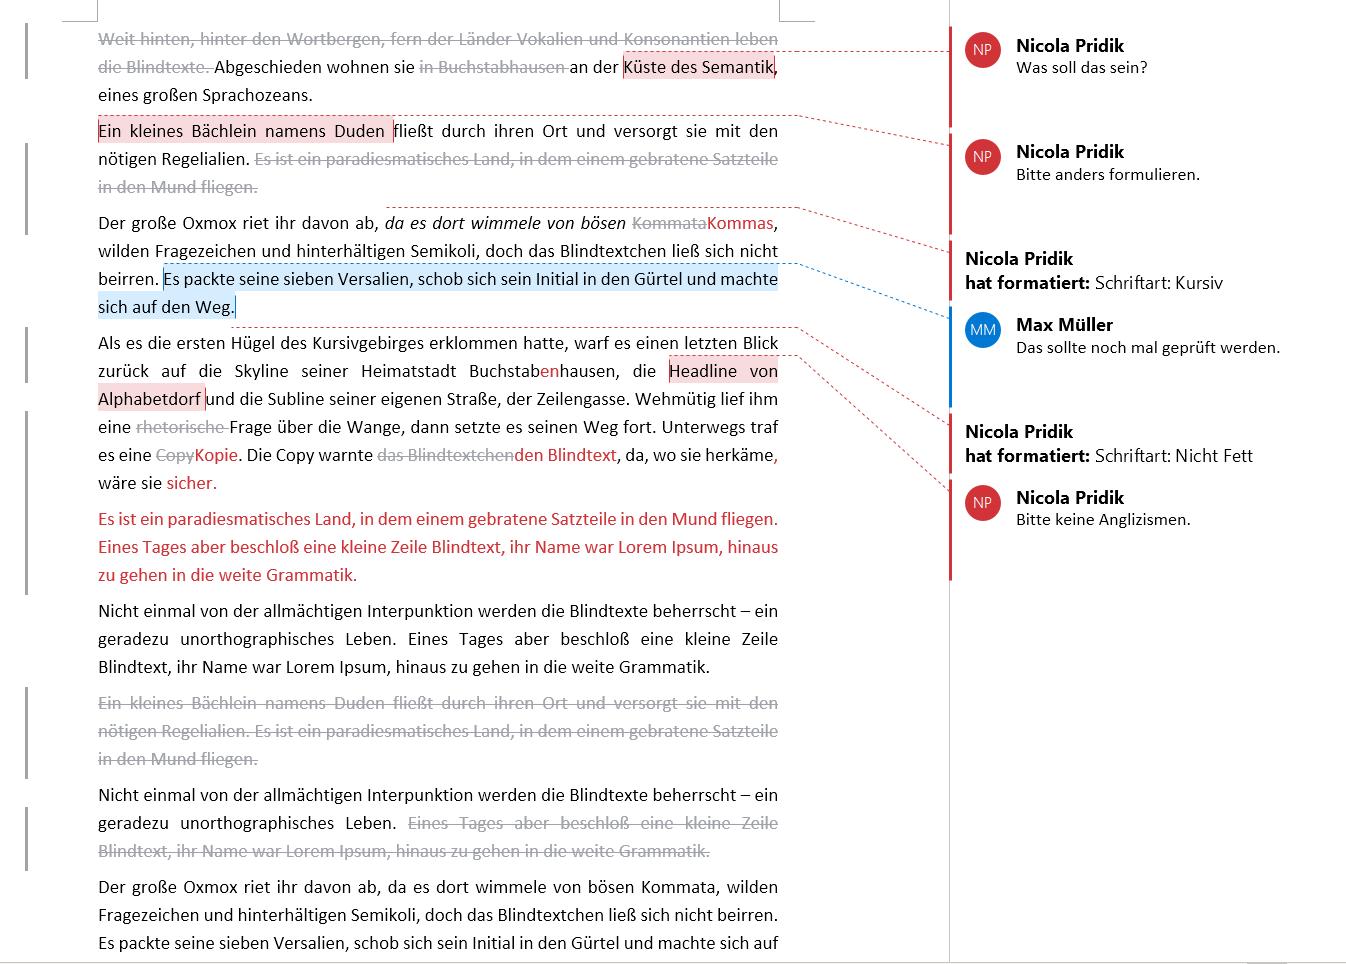 Änderungen nachverfolgen in Word: Gelöschten Text inline und hellgrau anzeigen lassen